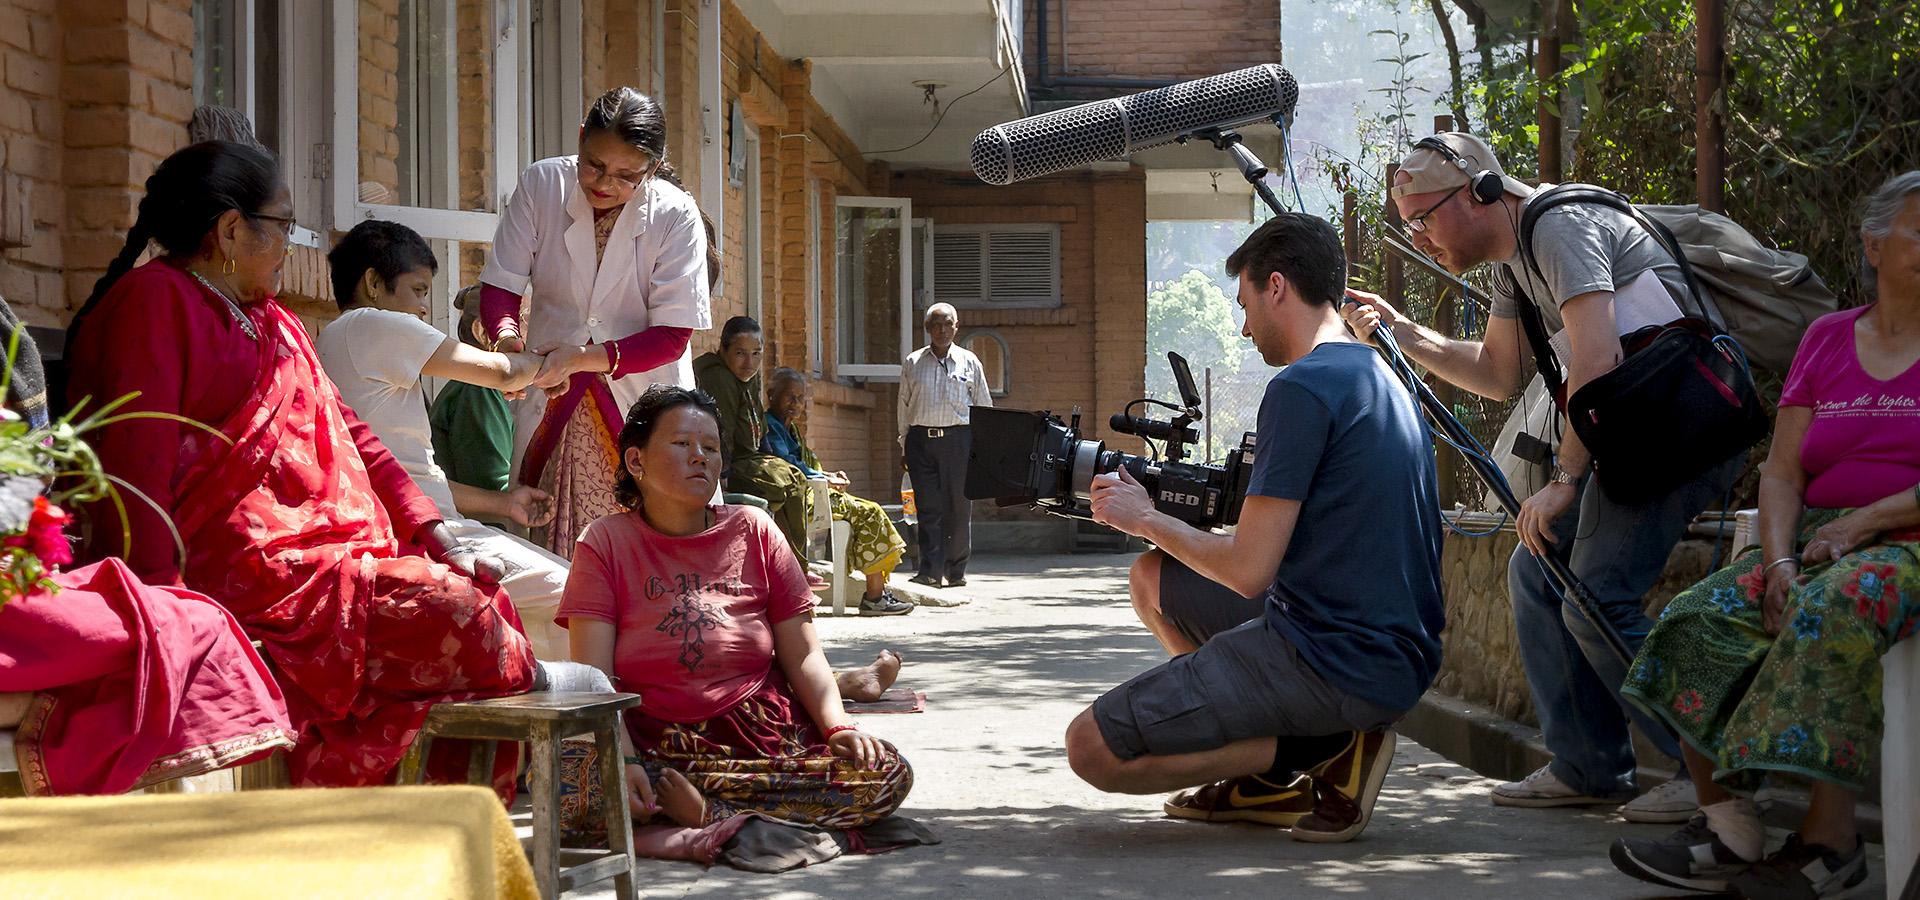 FIRSTGRADE on Set | Nepal, April 2014, während der Dreharbeiten des Dokumentarfilms 'Losing Touch'